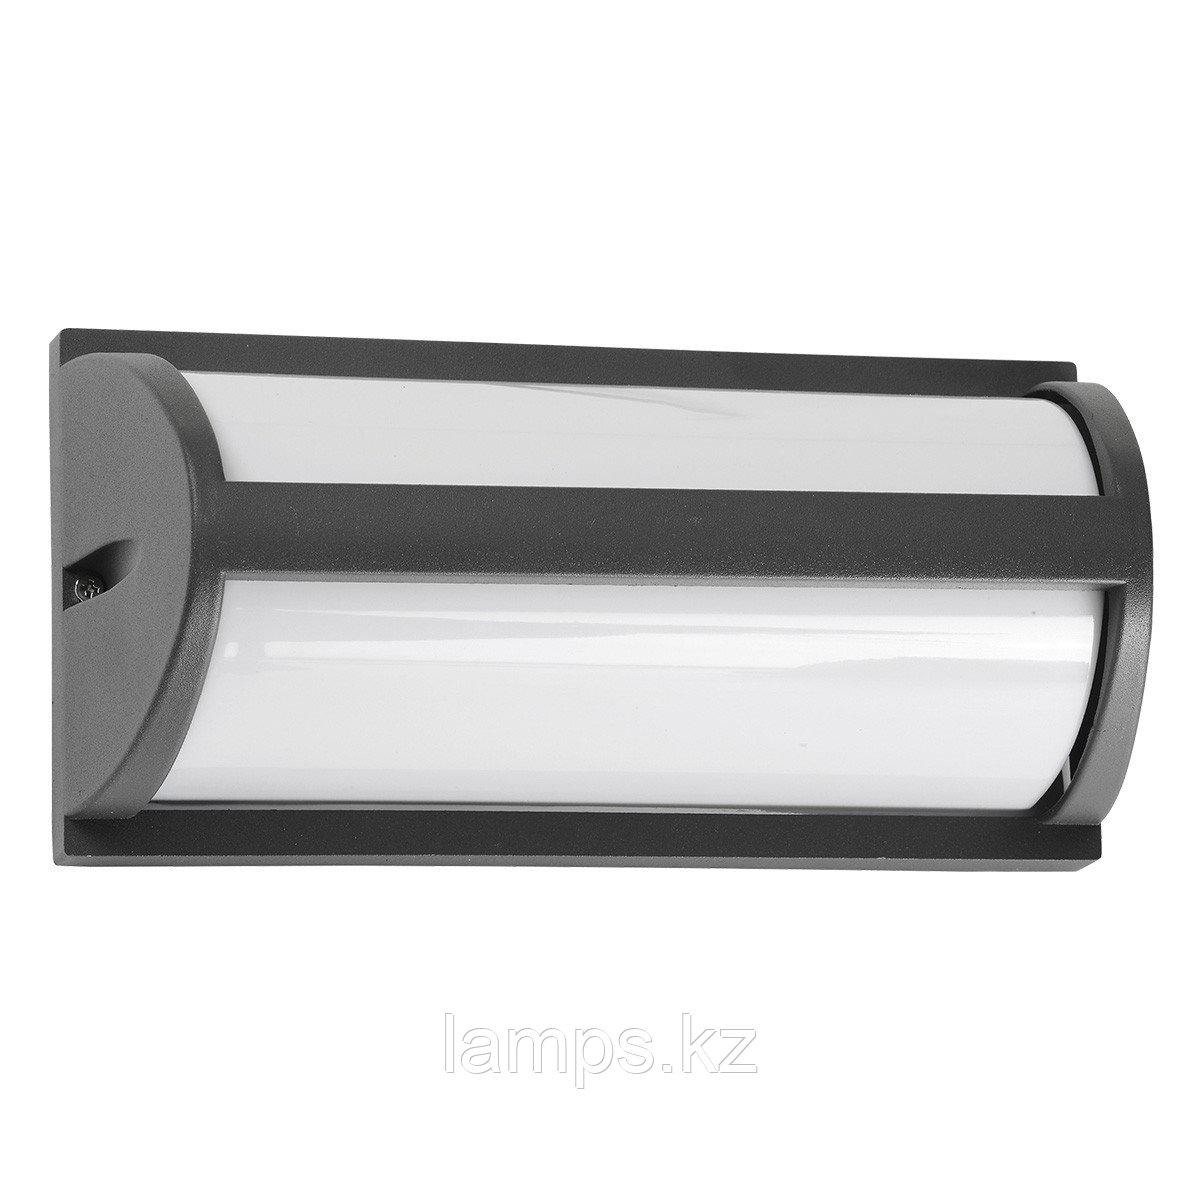 Светодиодный настенный светильник LED C3089 10W 5000K Grey